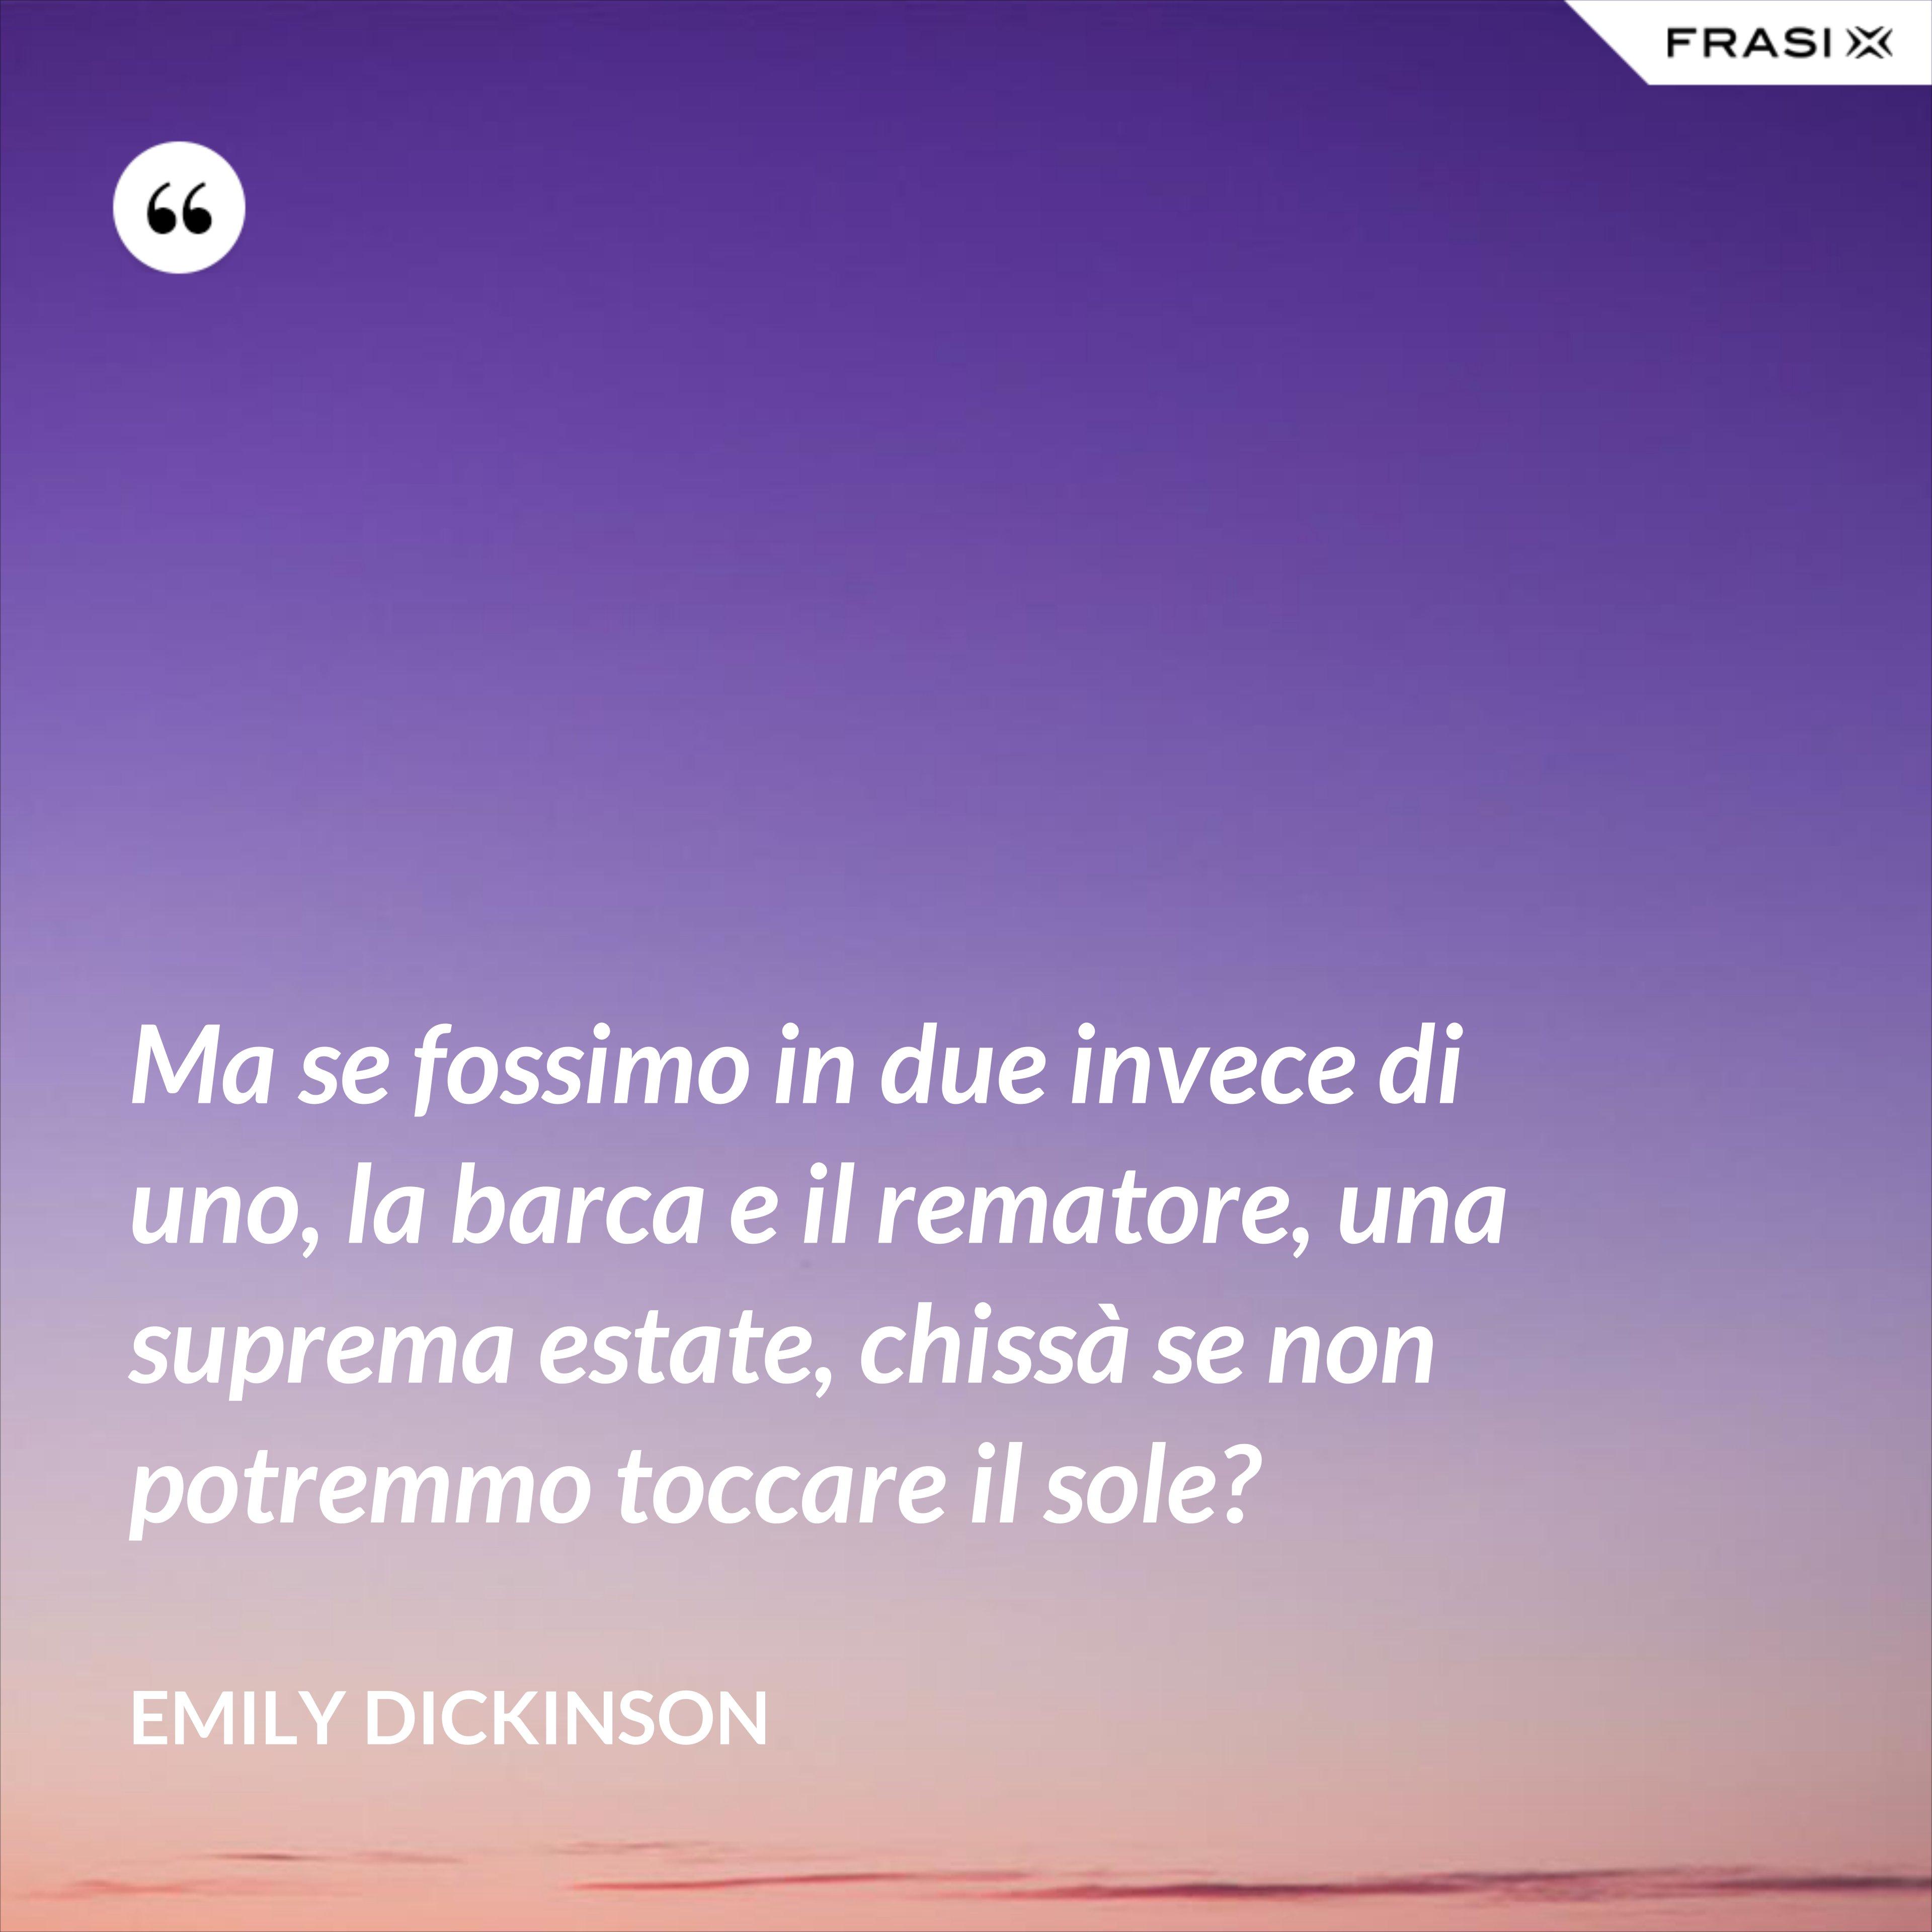 Ma se fossimo in due invece di uno, la barca e il rematore, una suprema estate, chissà se non potremmo toccare il sole? - Emily Dickinson